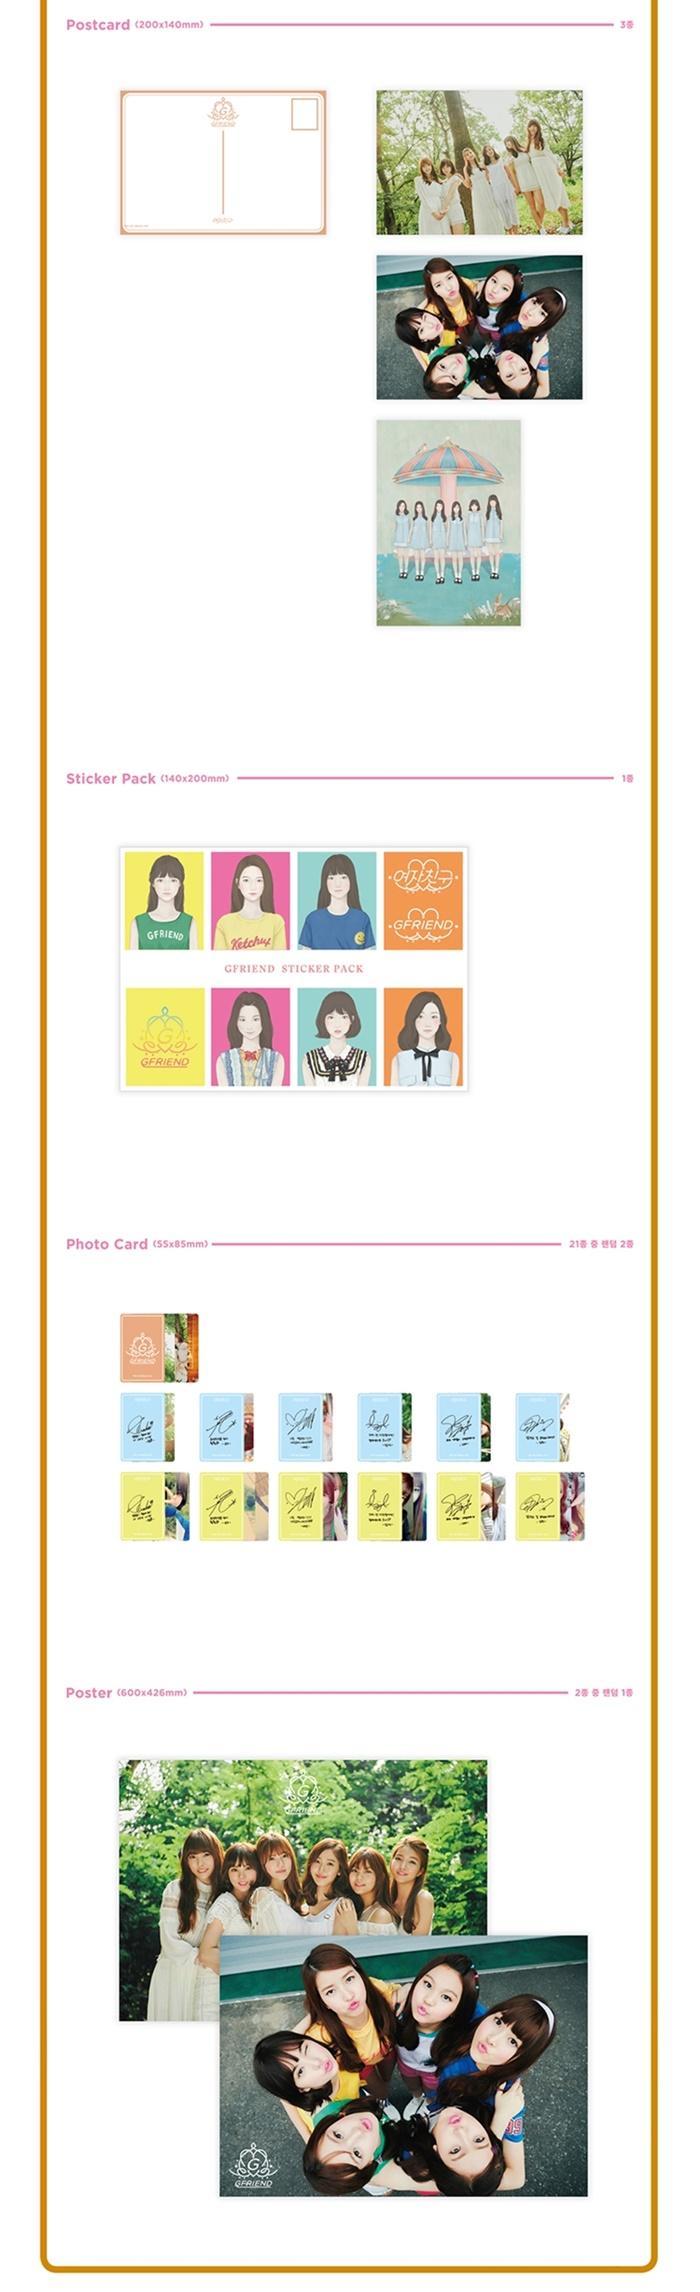 gfriend 1stalbum3